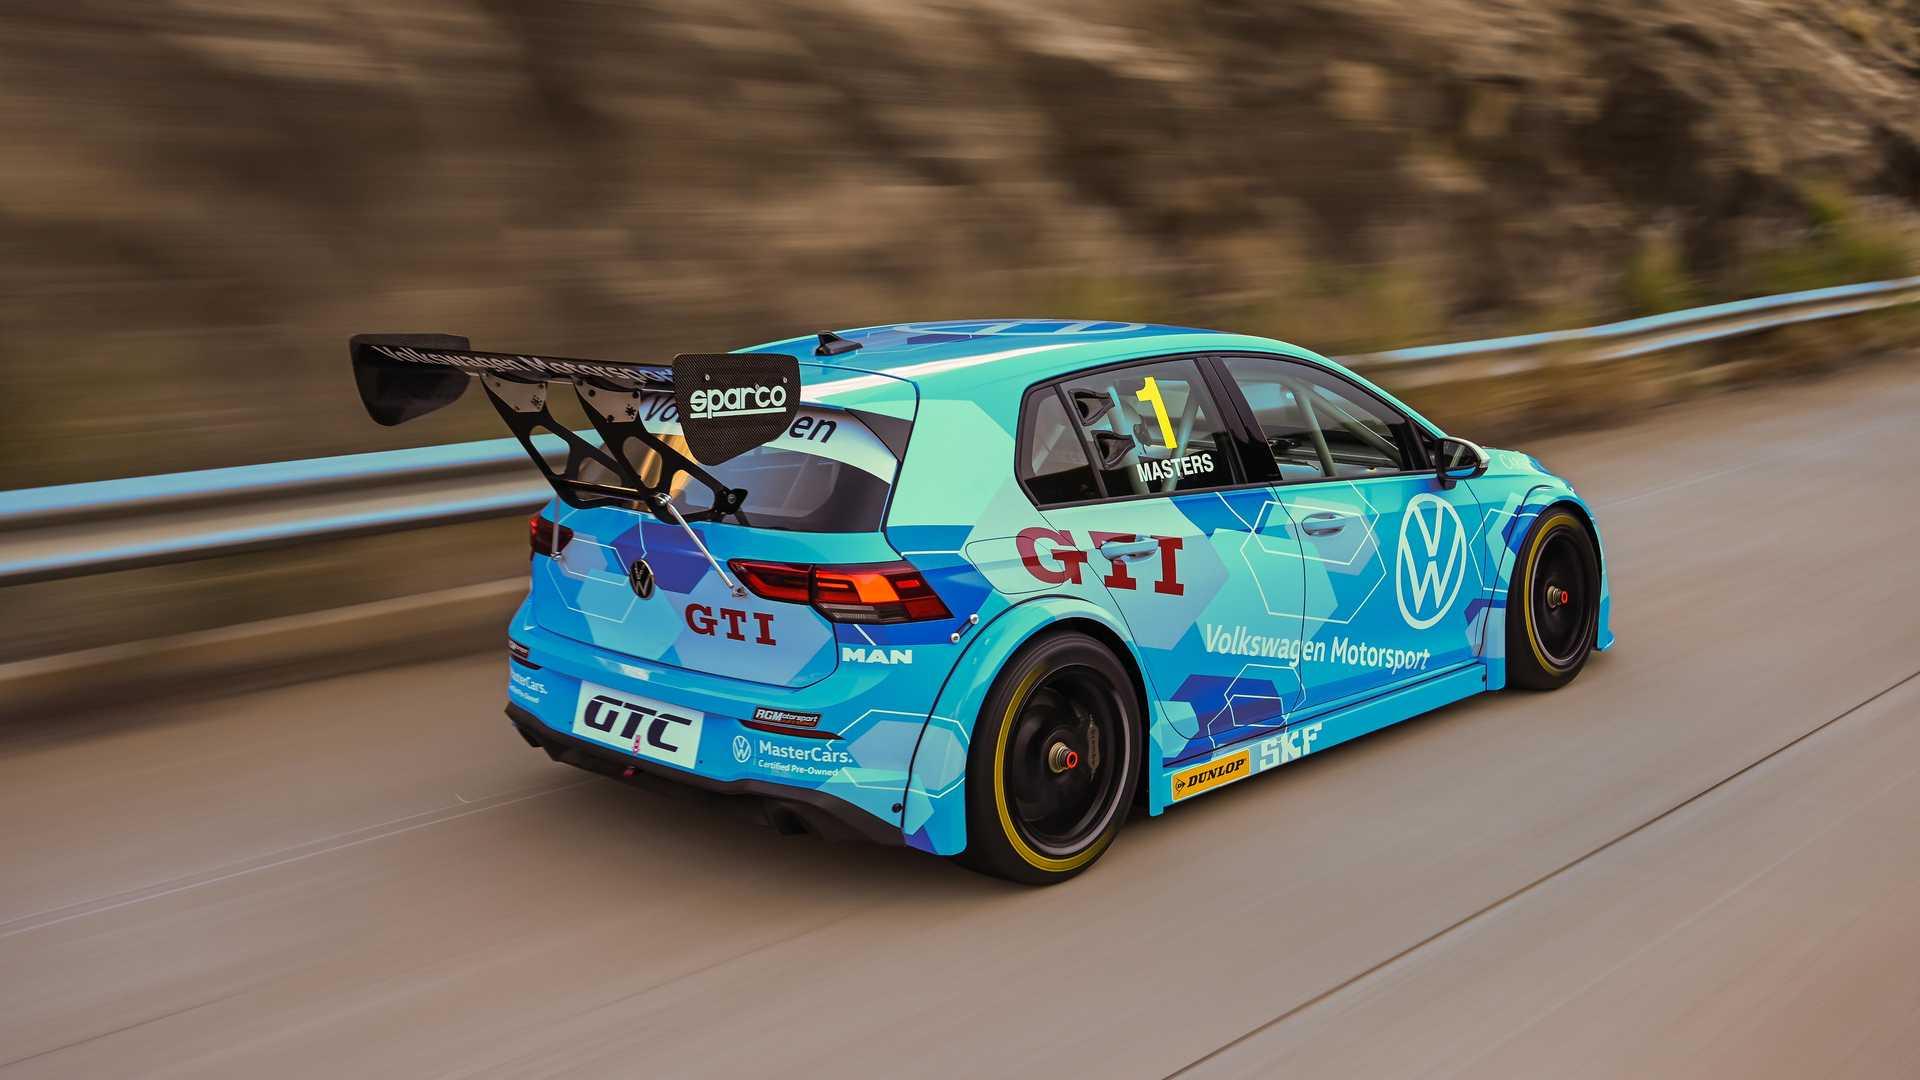 Volkswagen-GTI-GTC-Race-Car-17